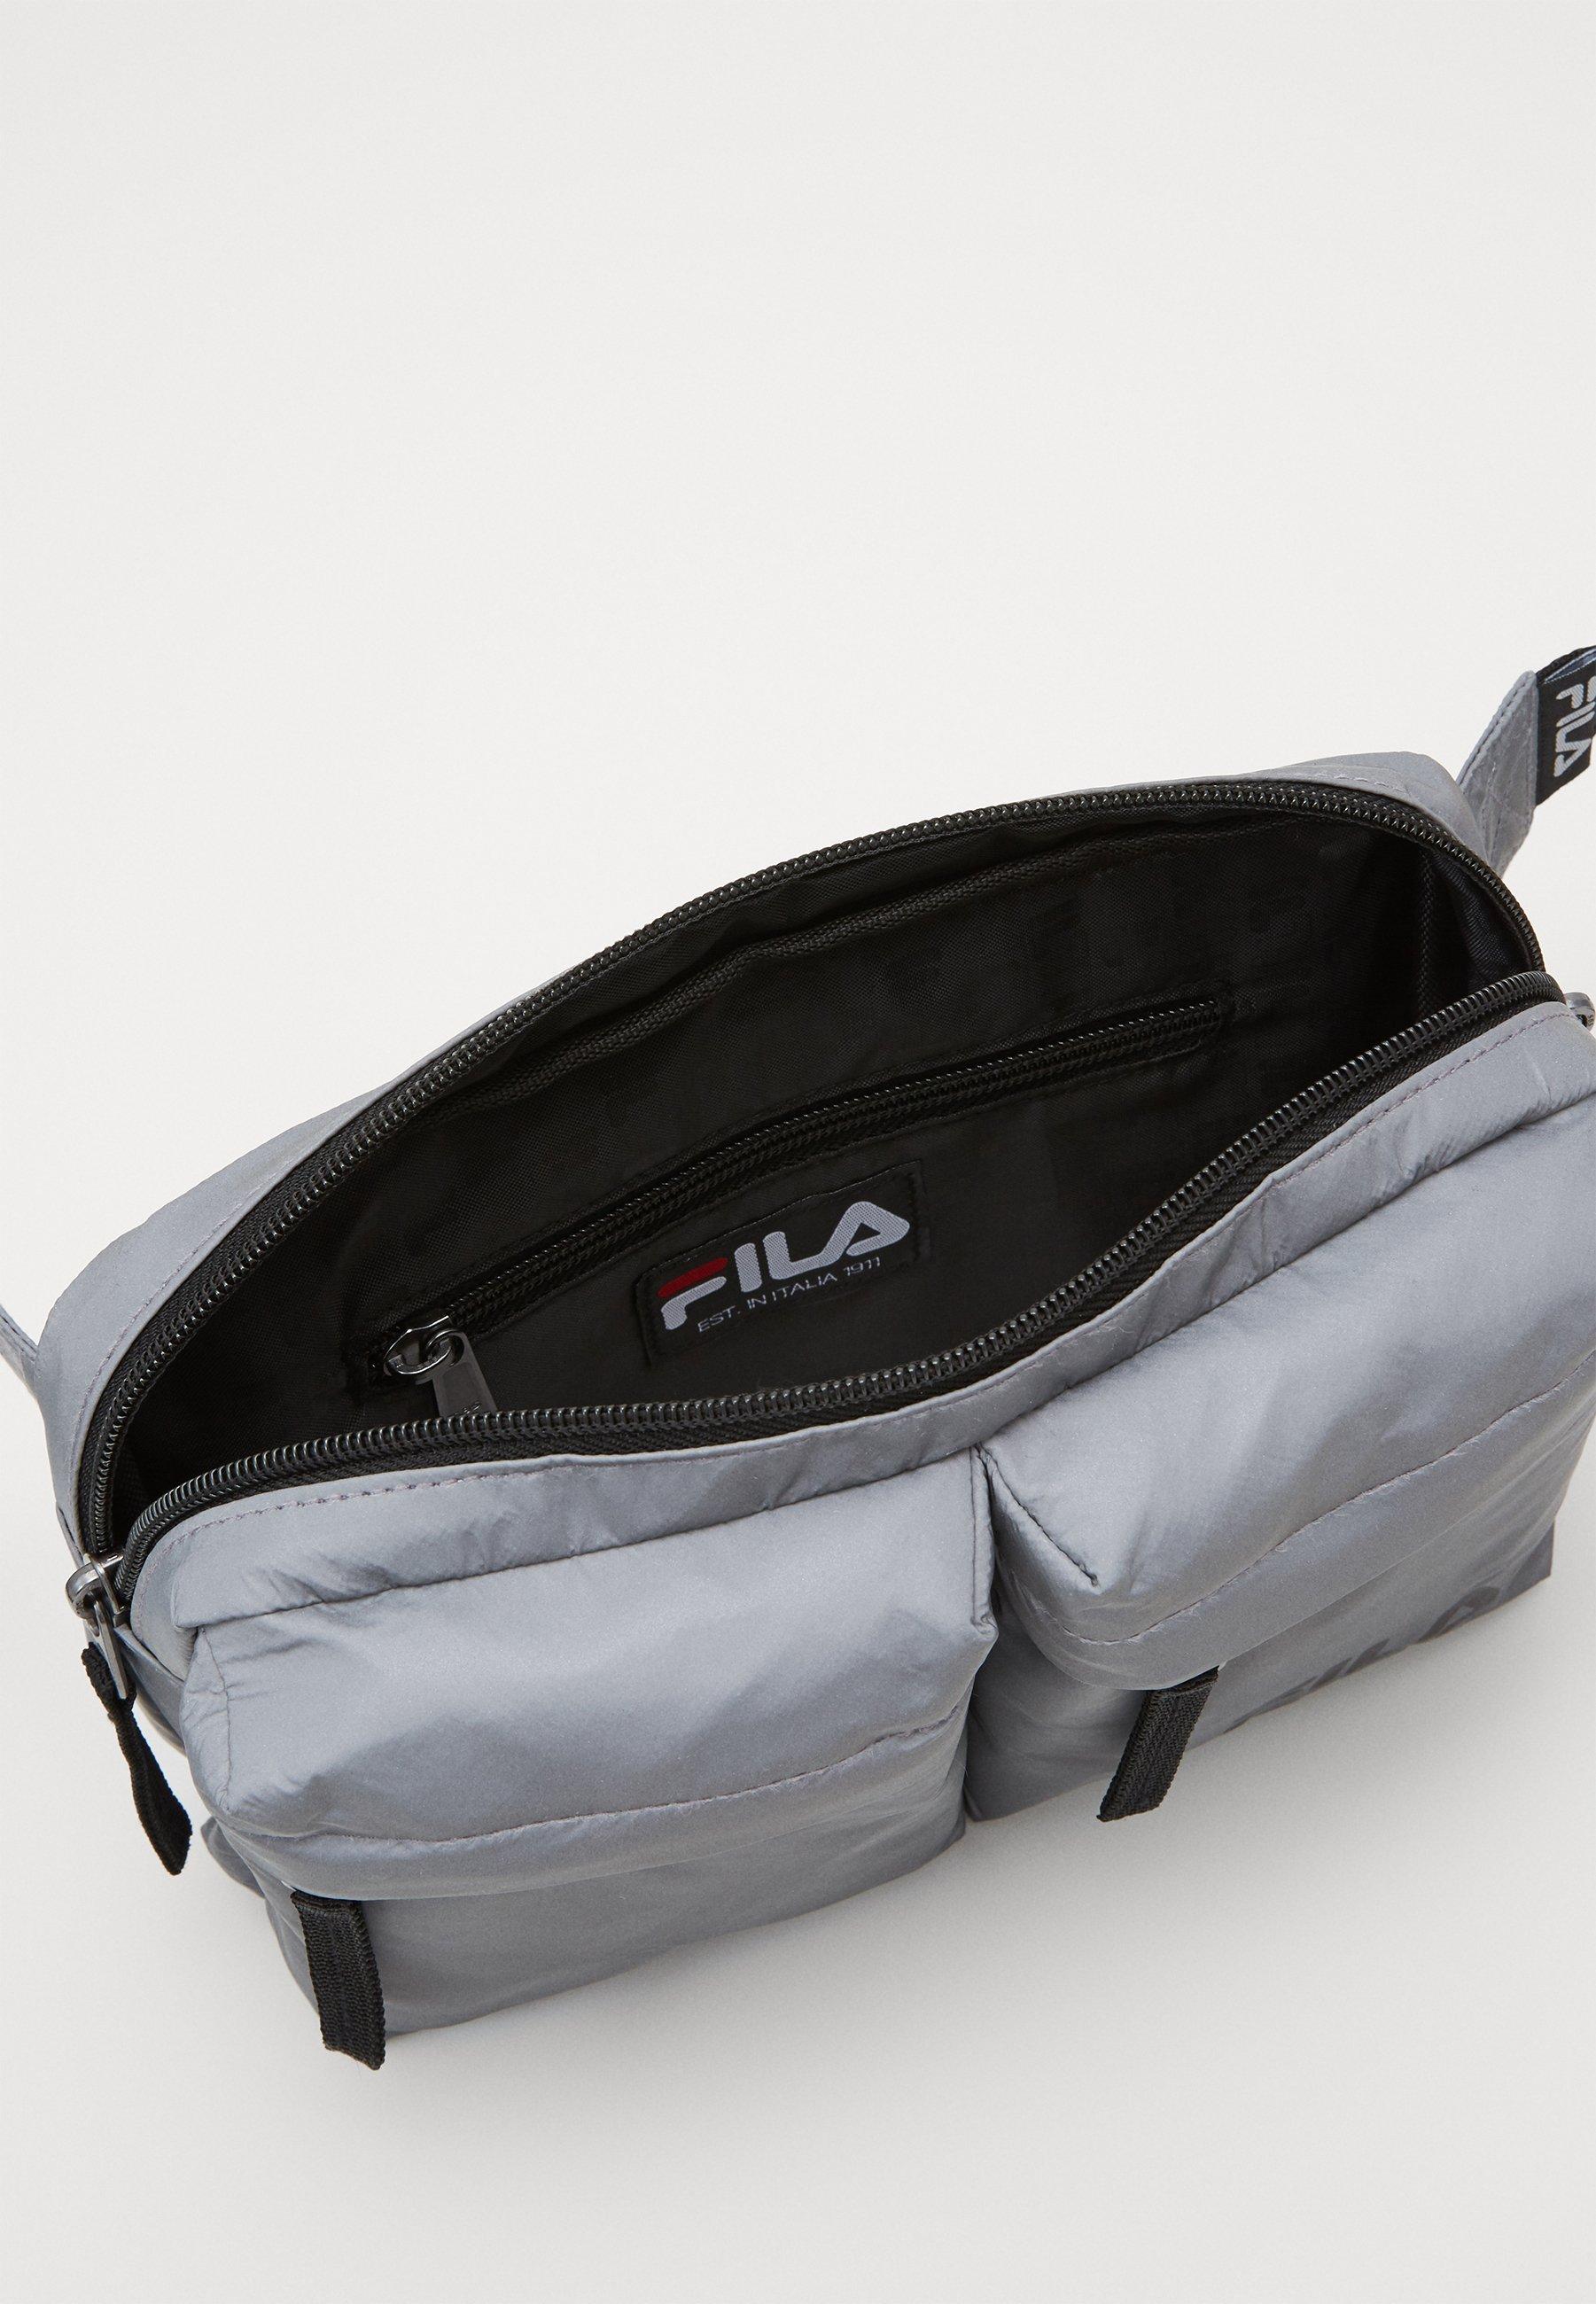 Fila WAIST BAG - Rumpetaske - silver/sølv oUHf4XnKAHcKgEn